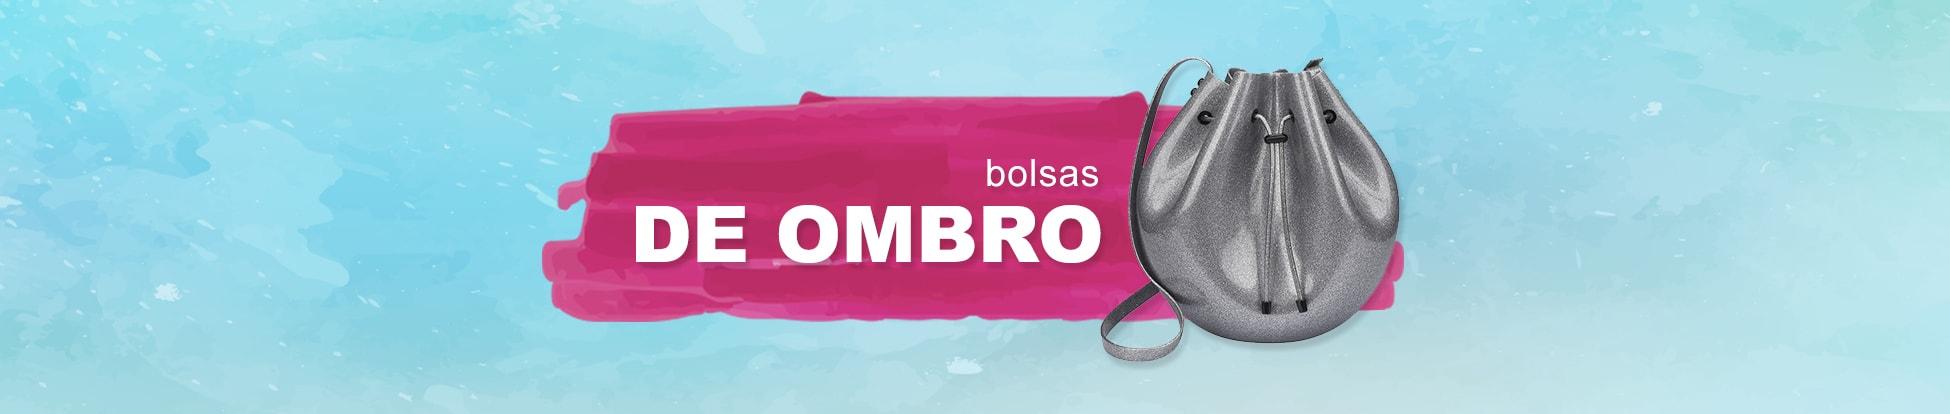 Bolsas - Bolsas de Ombro